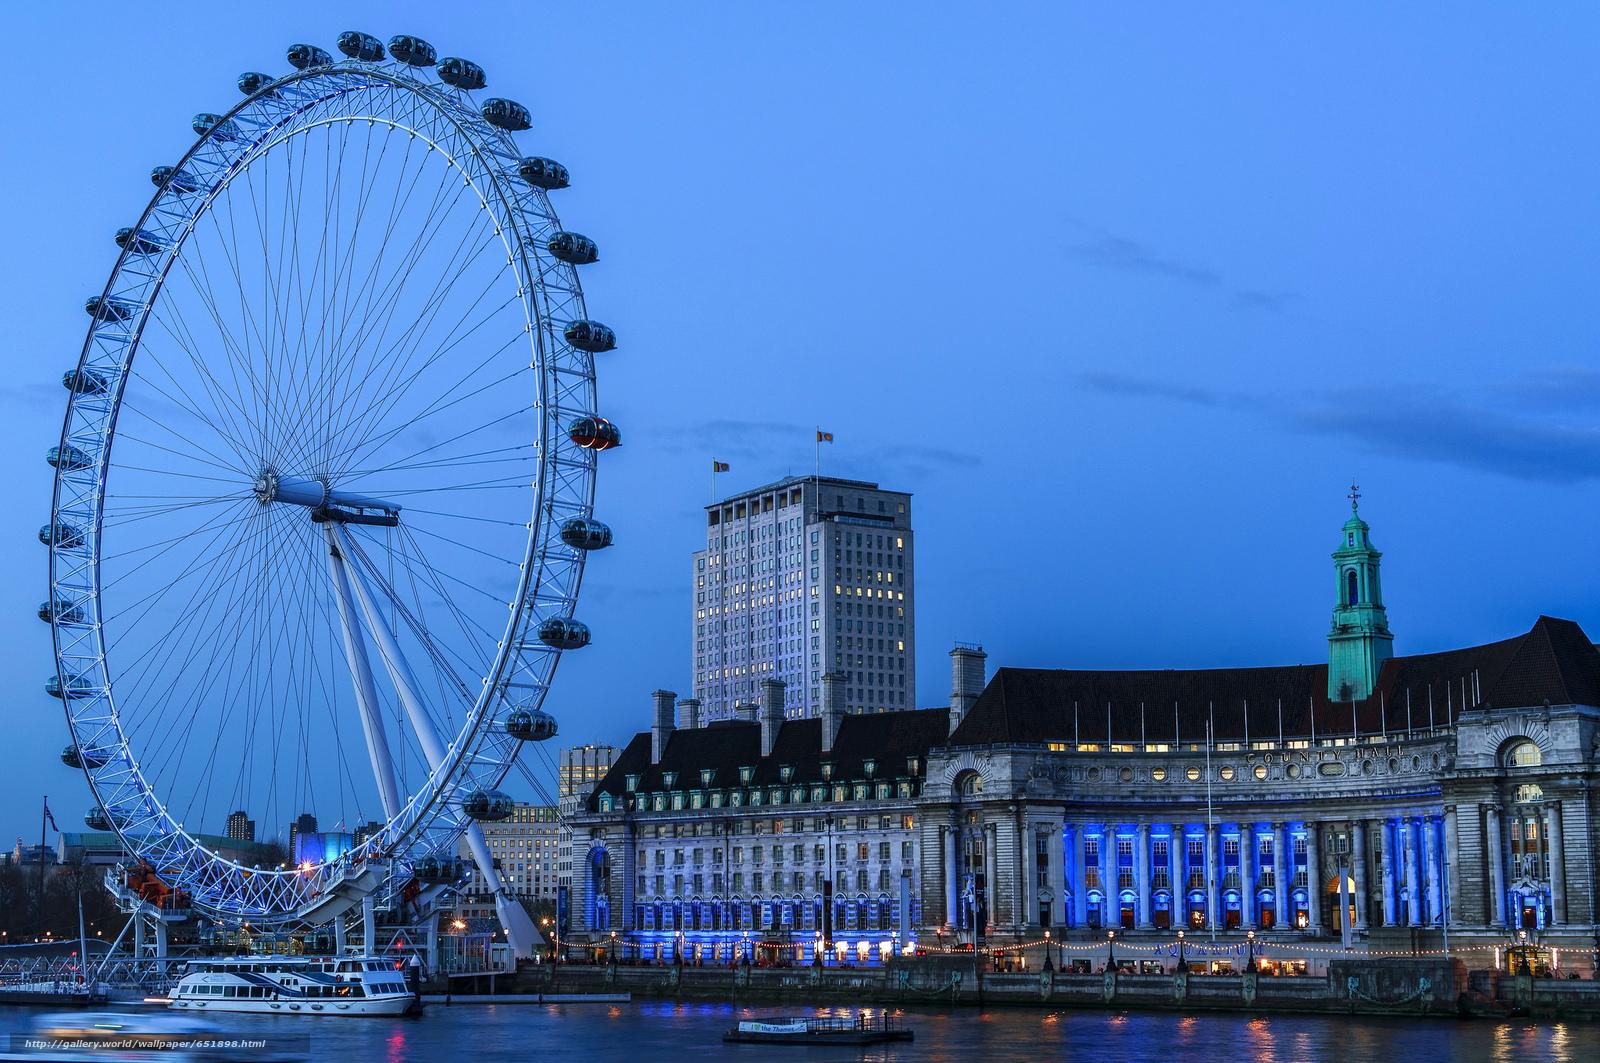 Скачать обои Лондон,  город,  столица Соединённого Королевства Великобритании и Северной Ирланди бесплатно для рабочего стола в разрешении 2048x1361 — картинка №651898